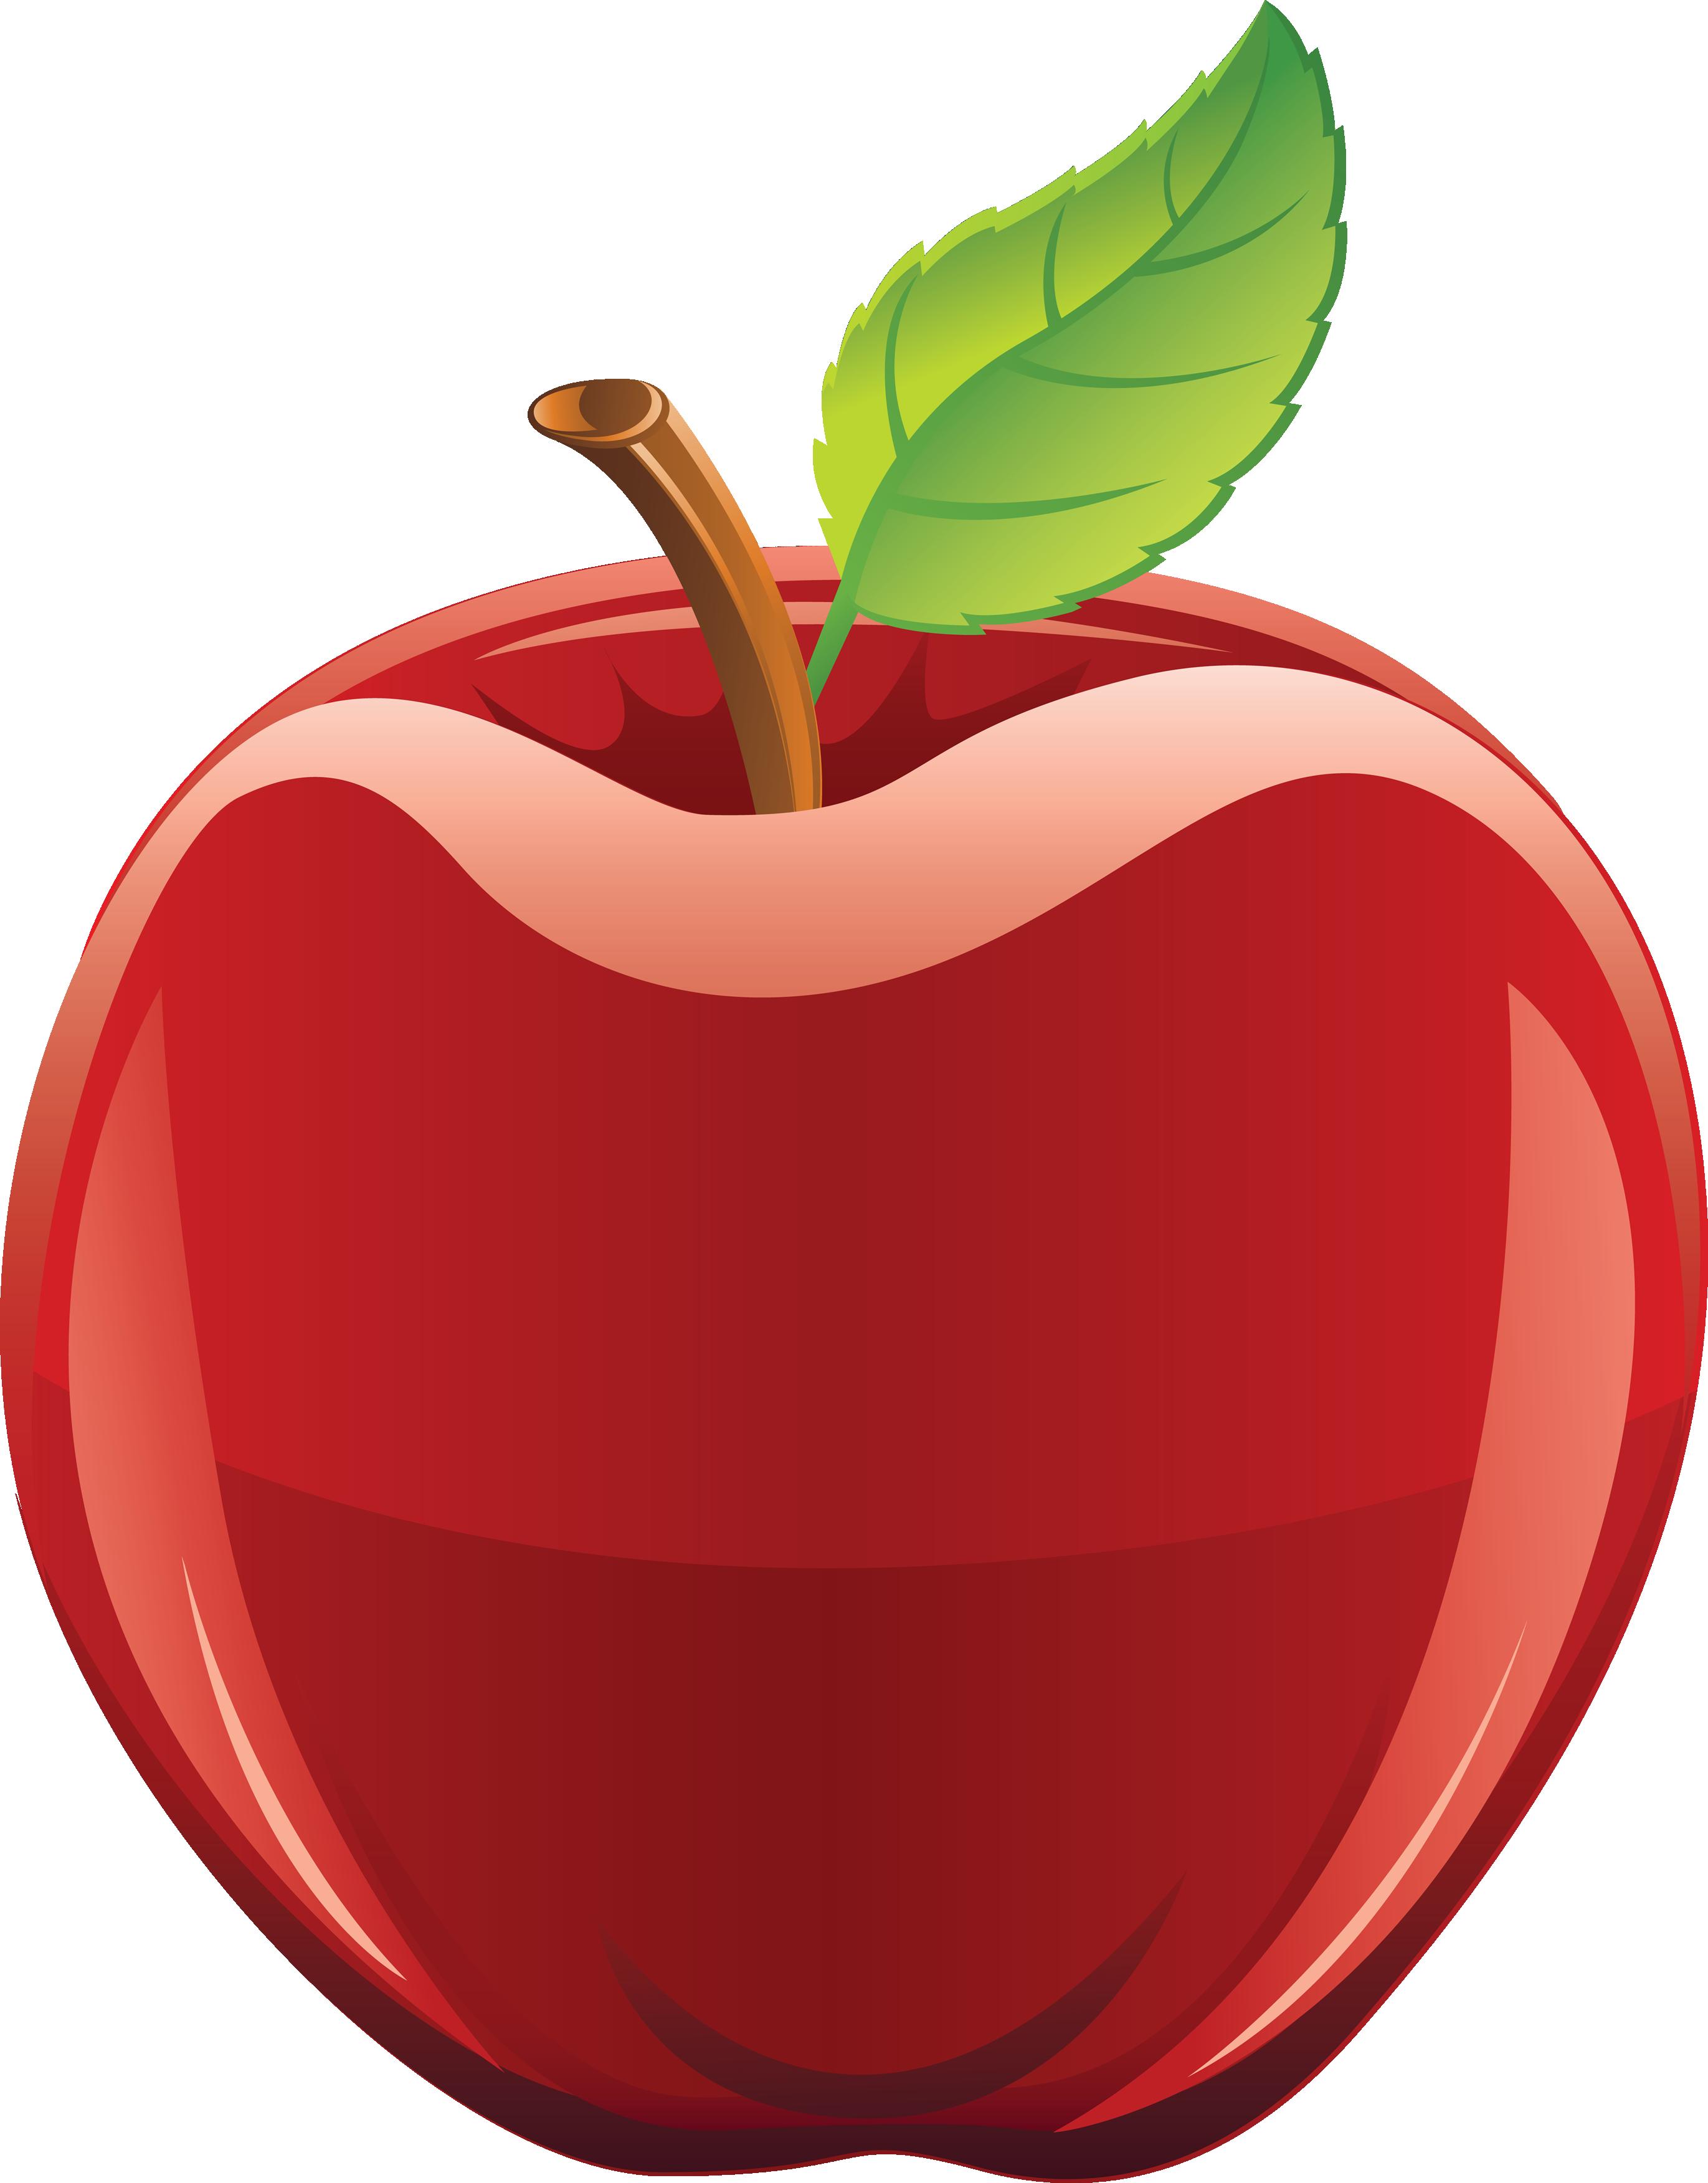 Red Apple Png Image Red Apple Red Apple Art Apple Art